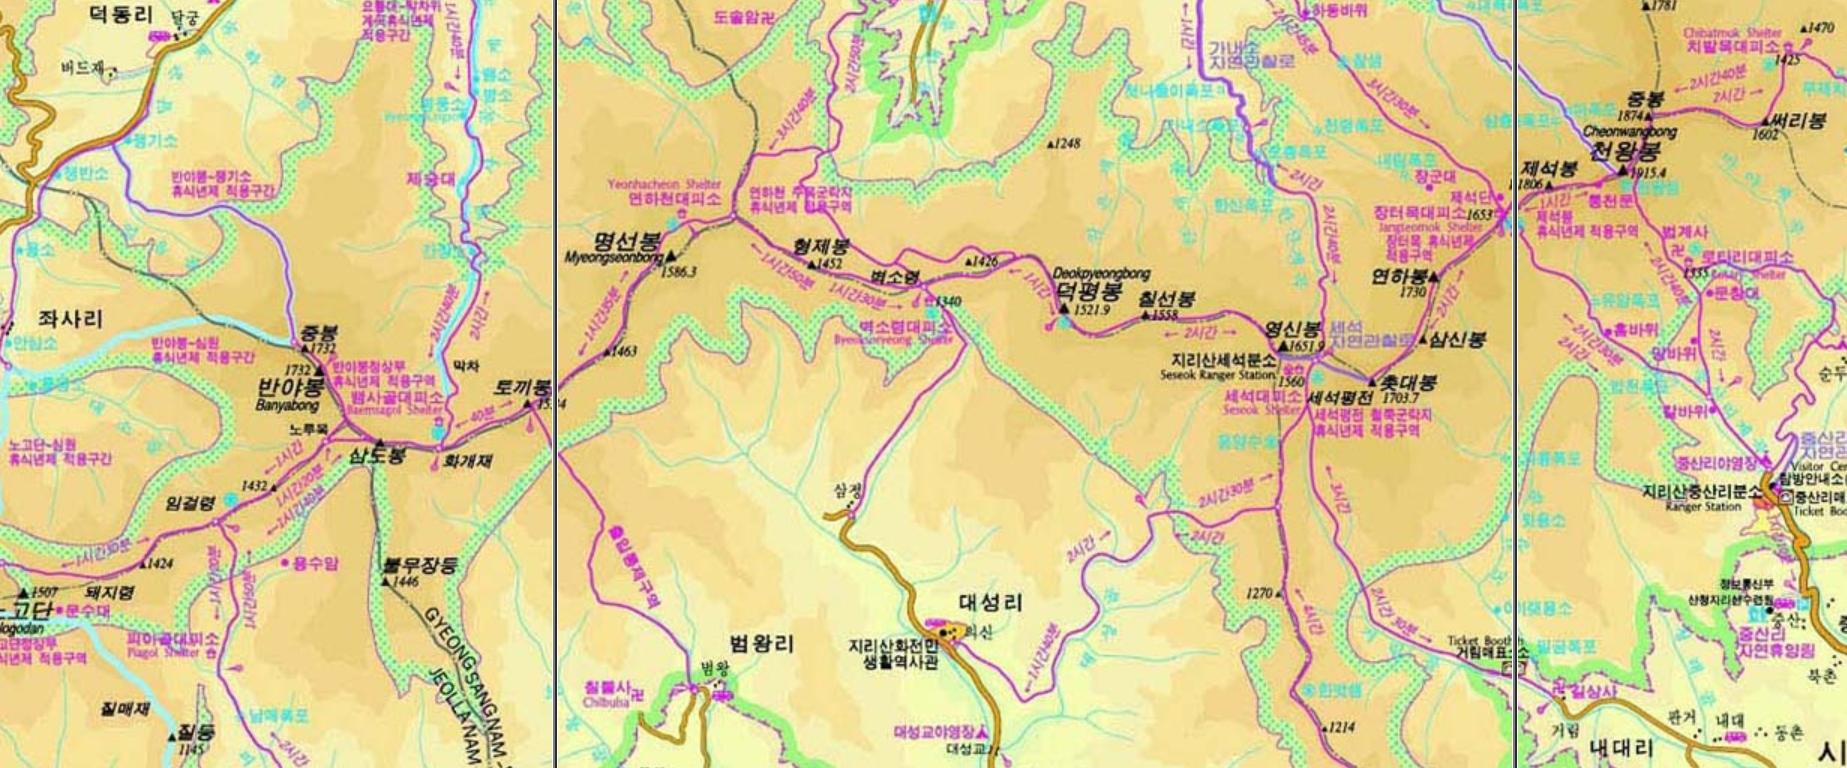 지리산 종주 지도.jpg